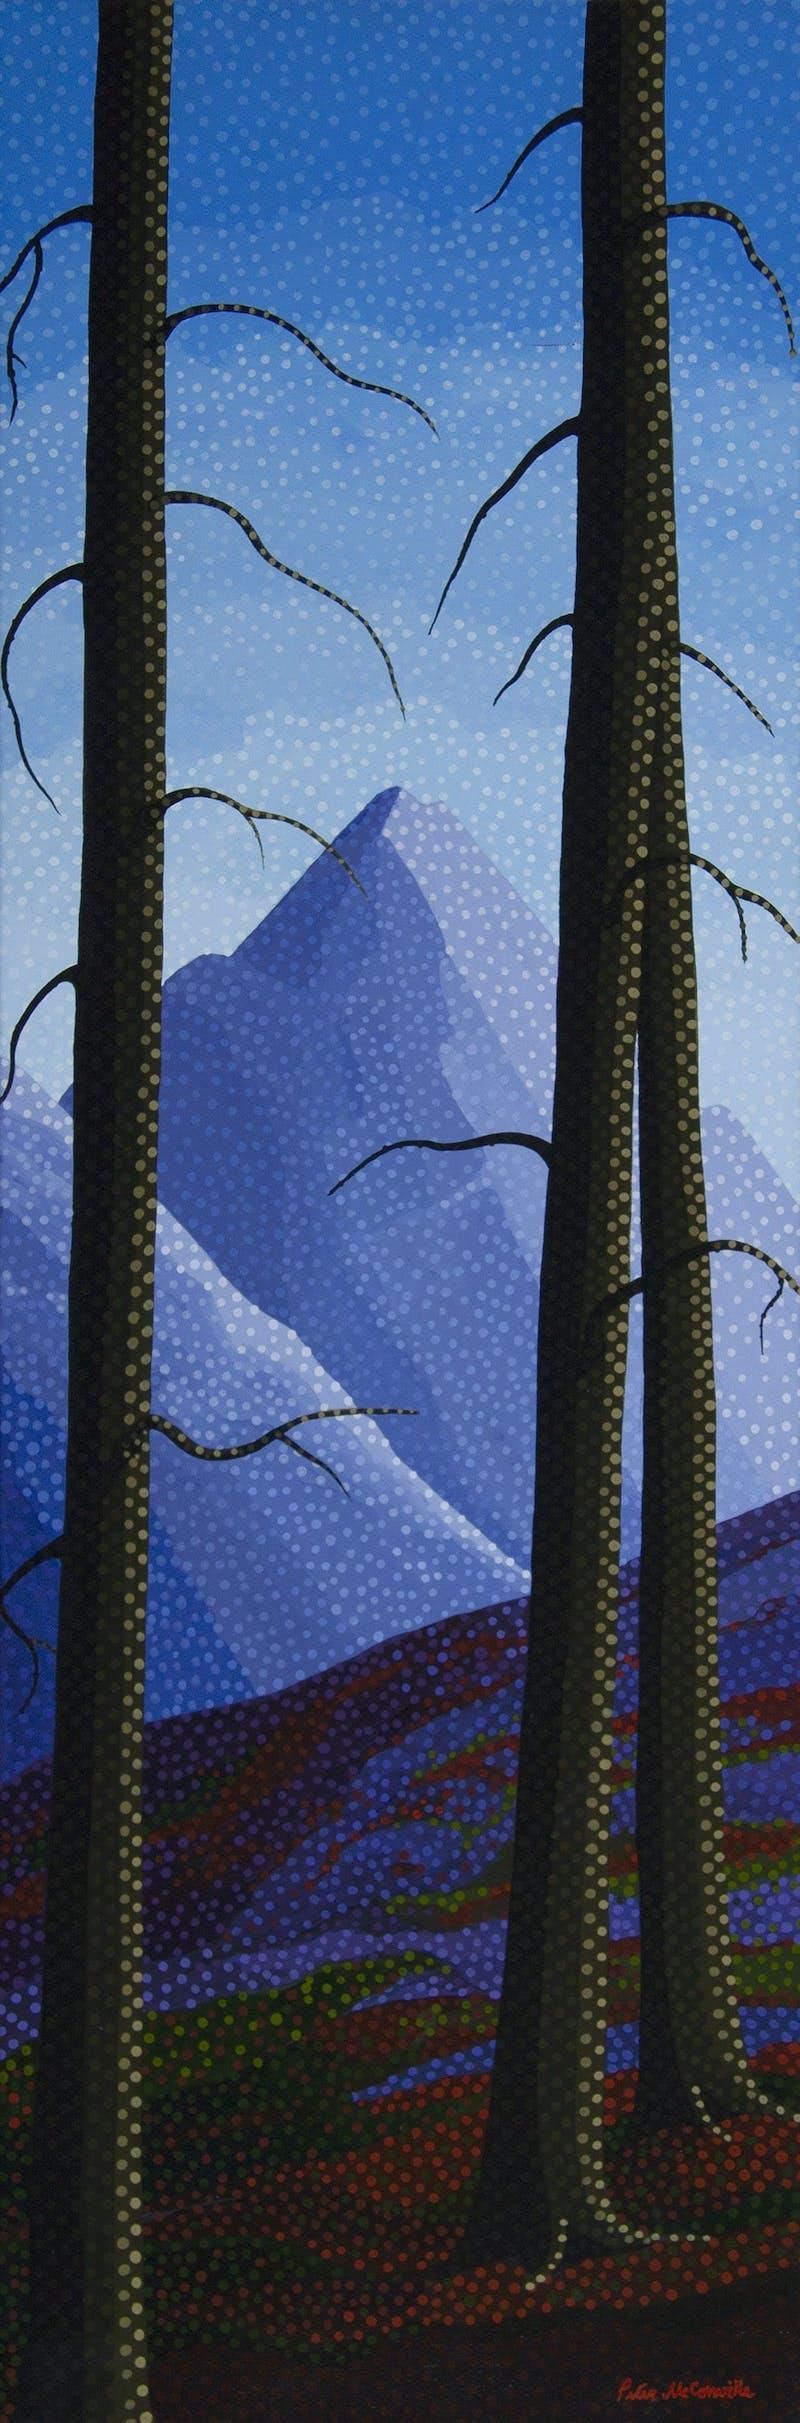 Mountain Trees Image 1